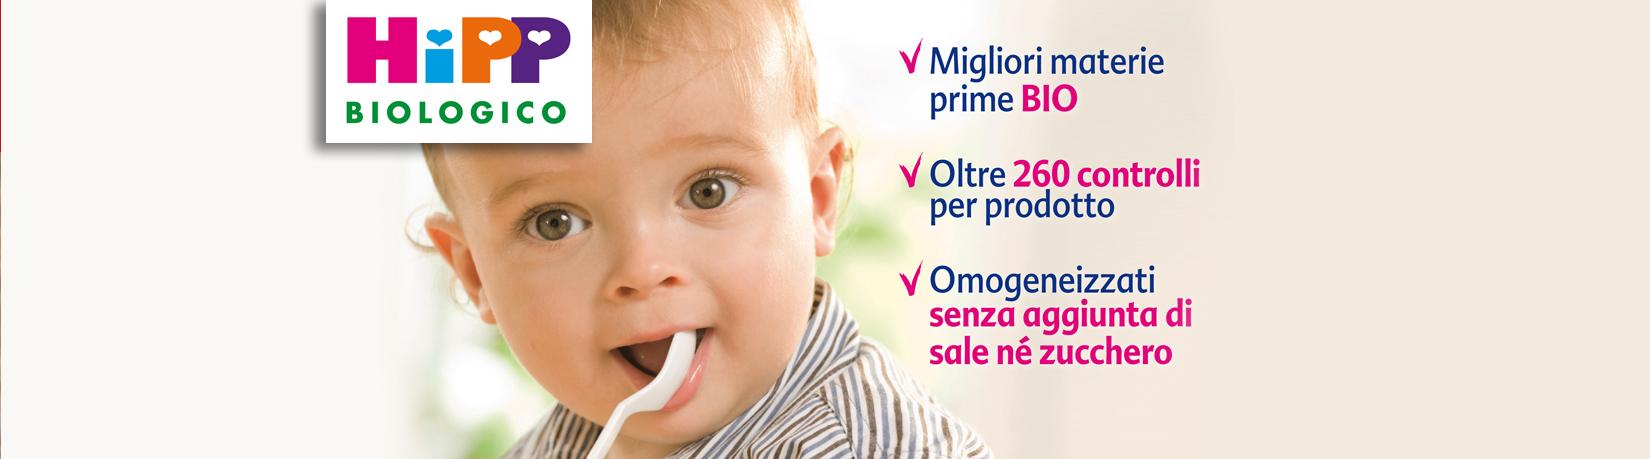 Farmacia Canobbio - Prodotti dell'HIpp: materie prime bio, 260controlli e omogeneizzati senza zucchero